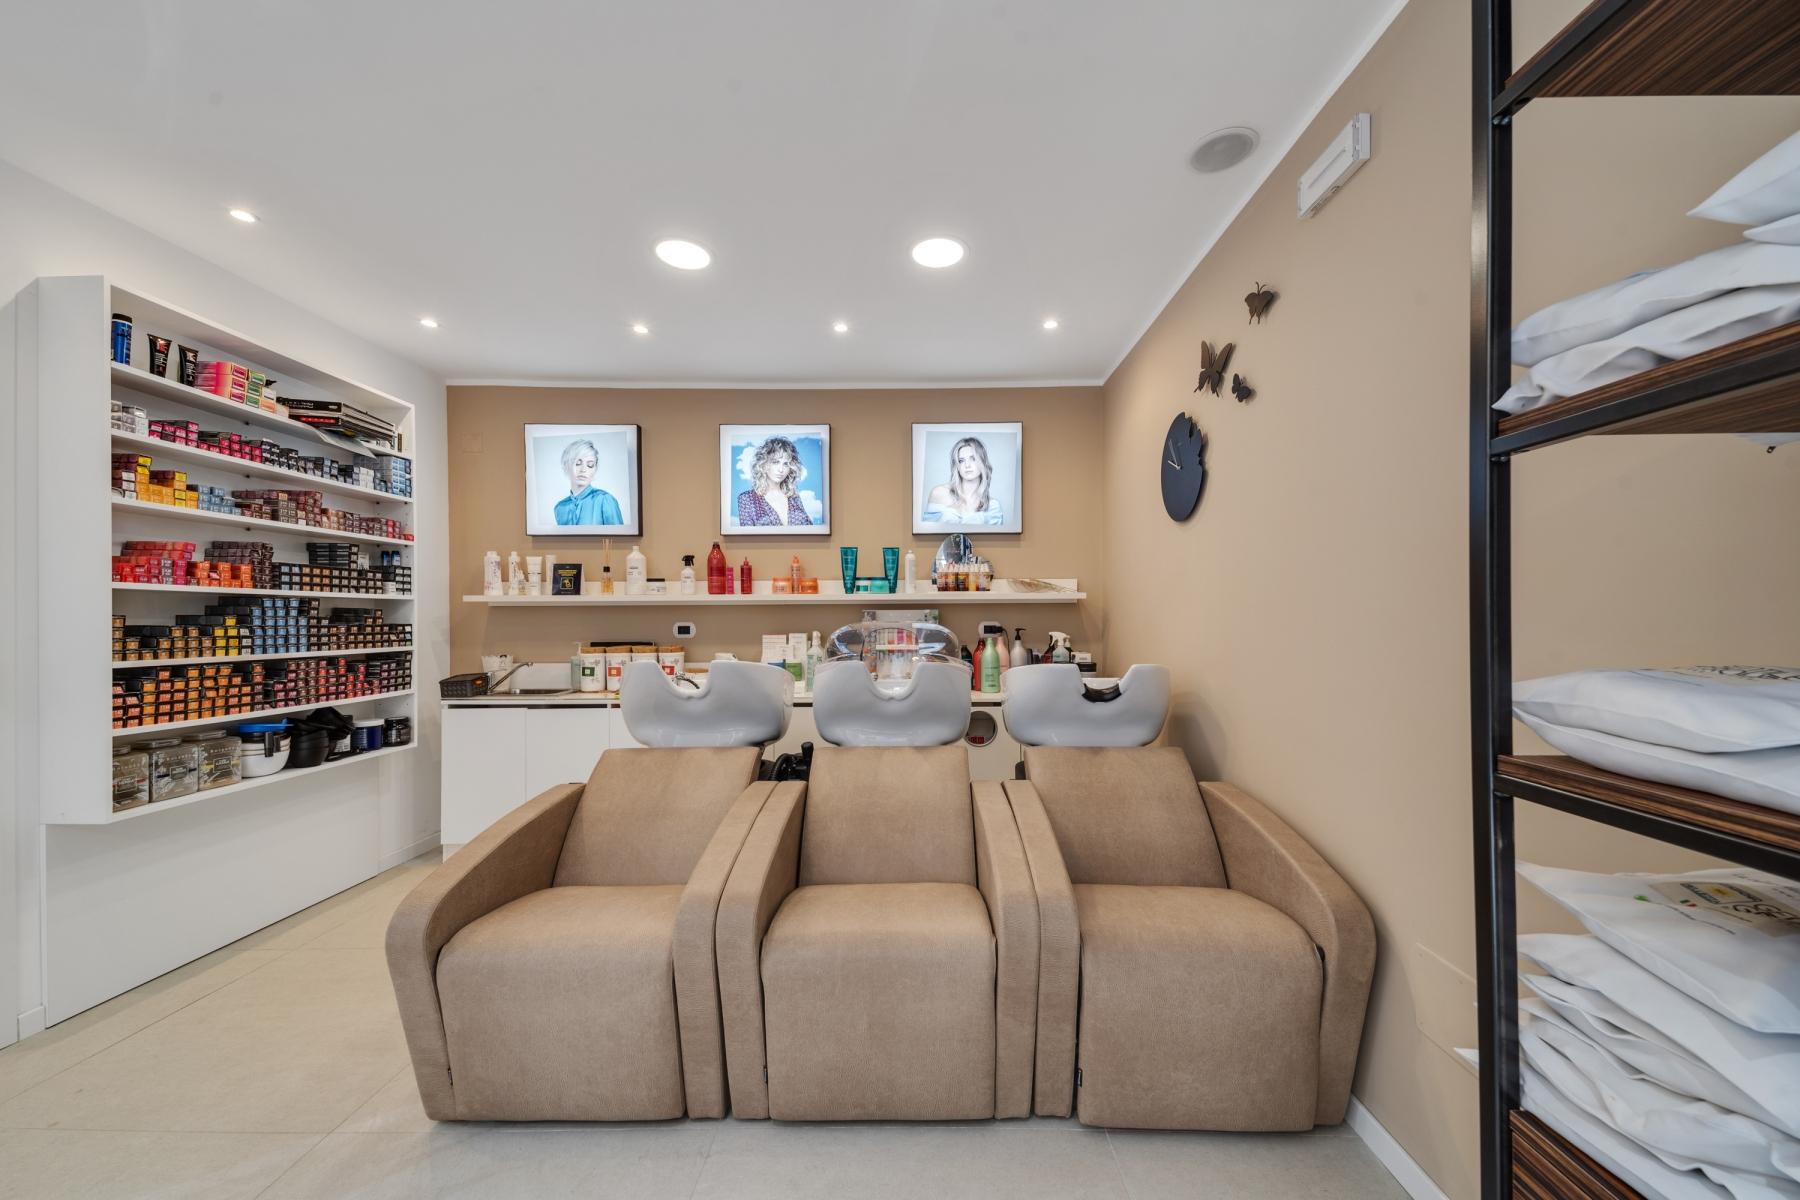 postazioni-lavatesta-e-vapore-compagnia-della-bellezza-gentile-group-by-amanda-villafranca-tirrena